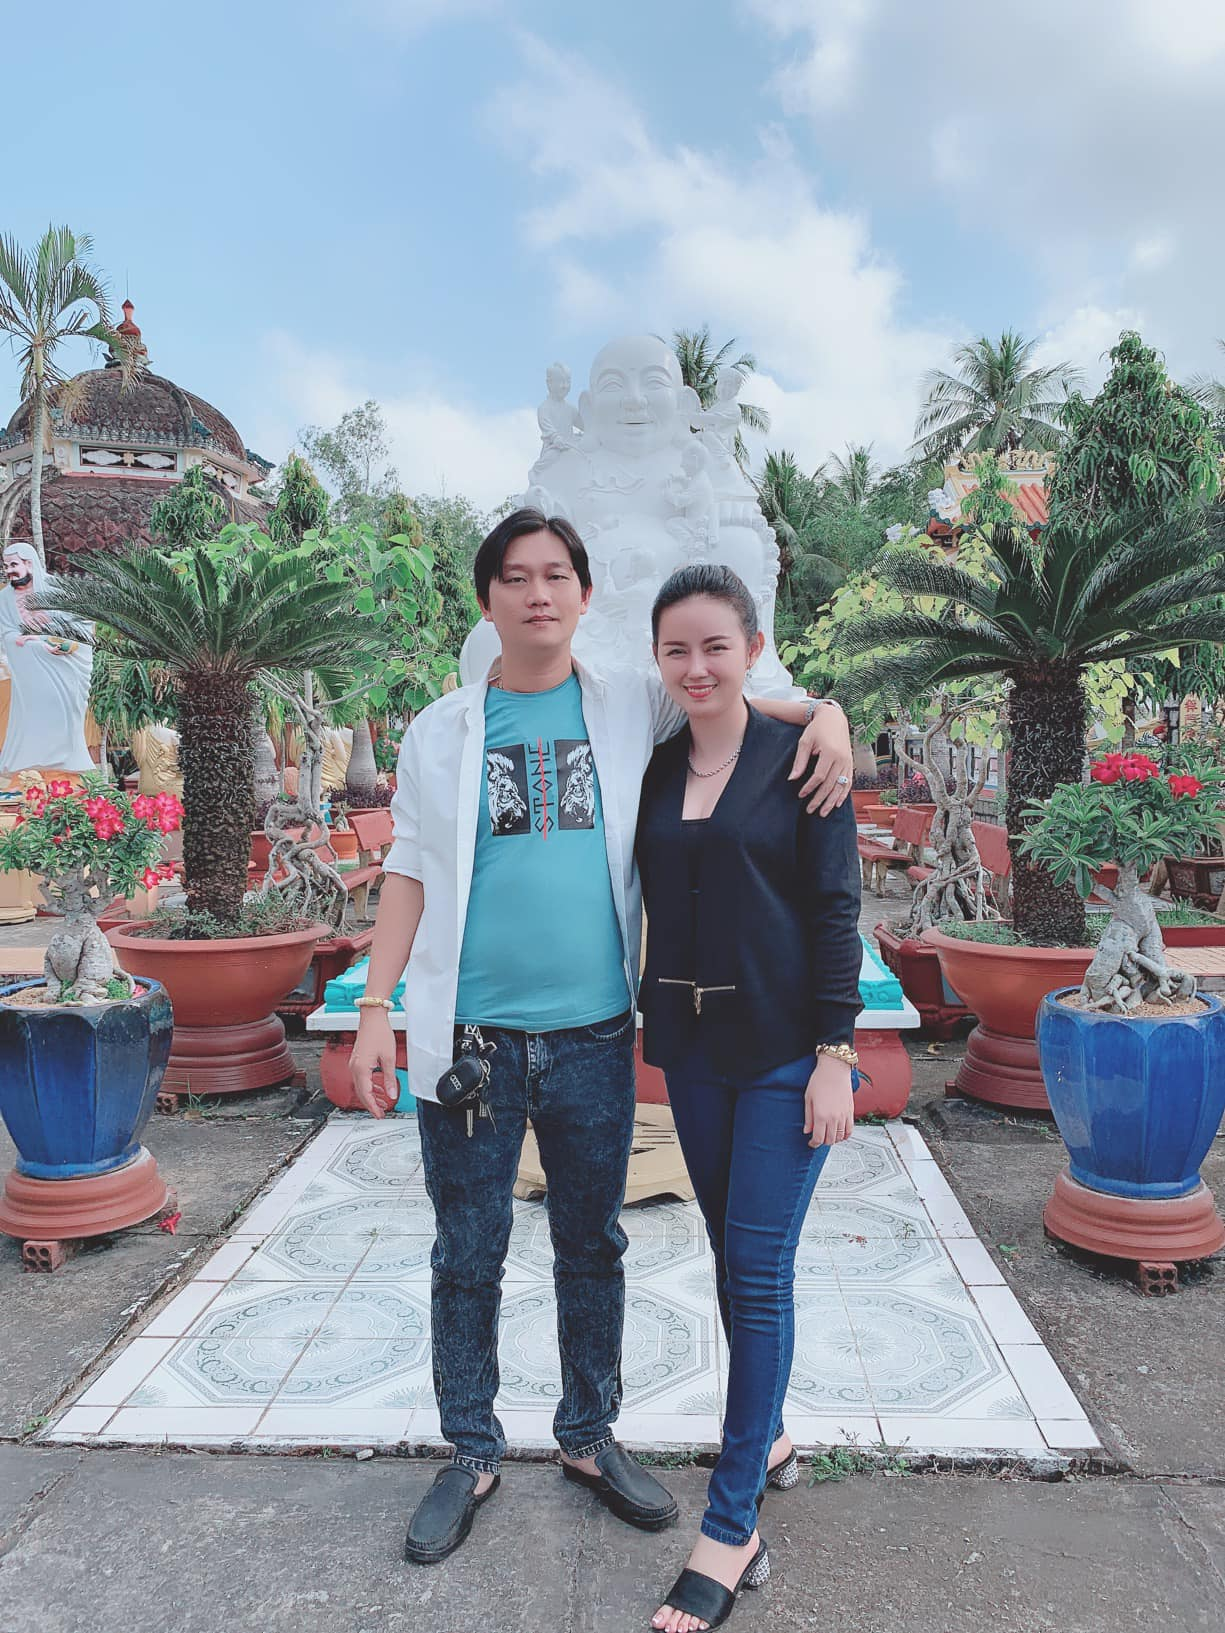 Con đường khởi nghiệp đầy gian nan của CEO 8X Trần Thanh Phong - Ảnh 3